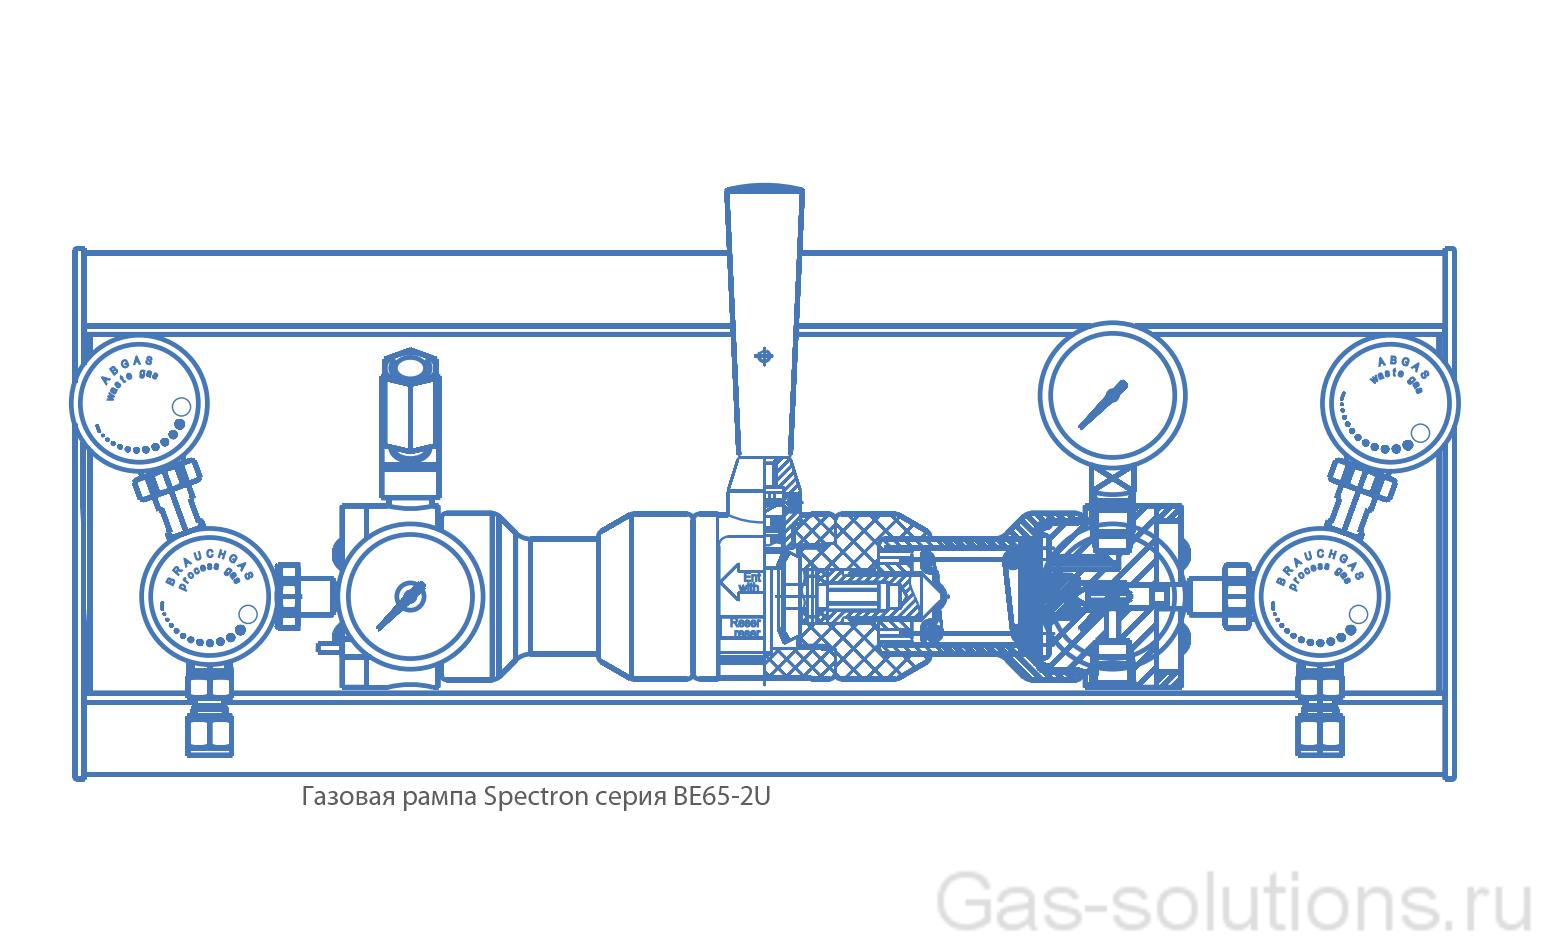 Газовая рампа Spectron серия BE65-2U_чертеж1